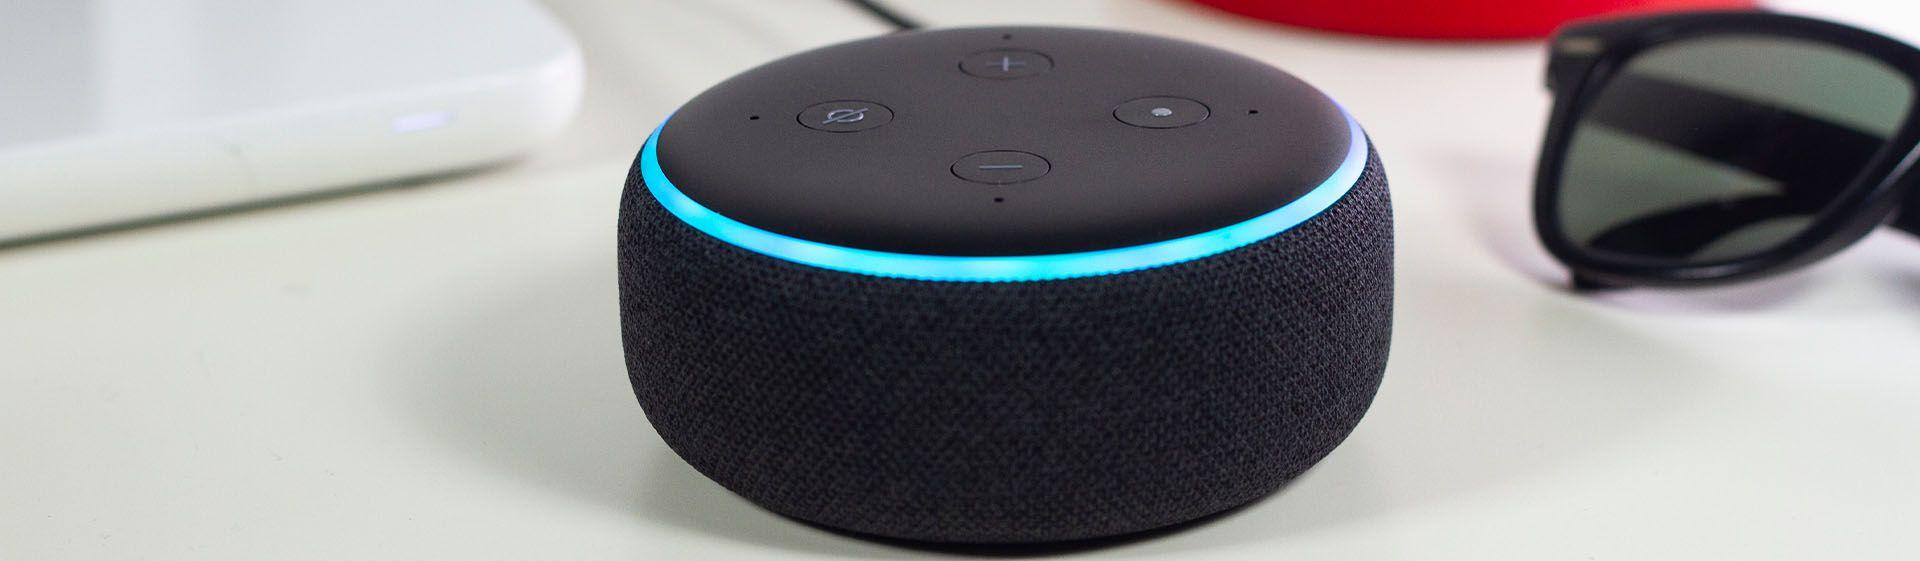 Entenda: como funciona a Alexa e coisas legais que ela pode fazer por você